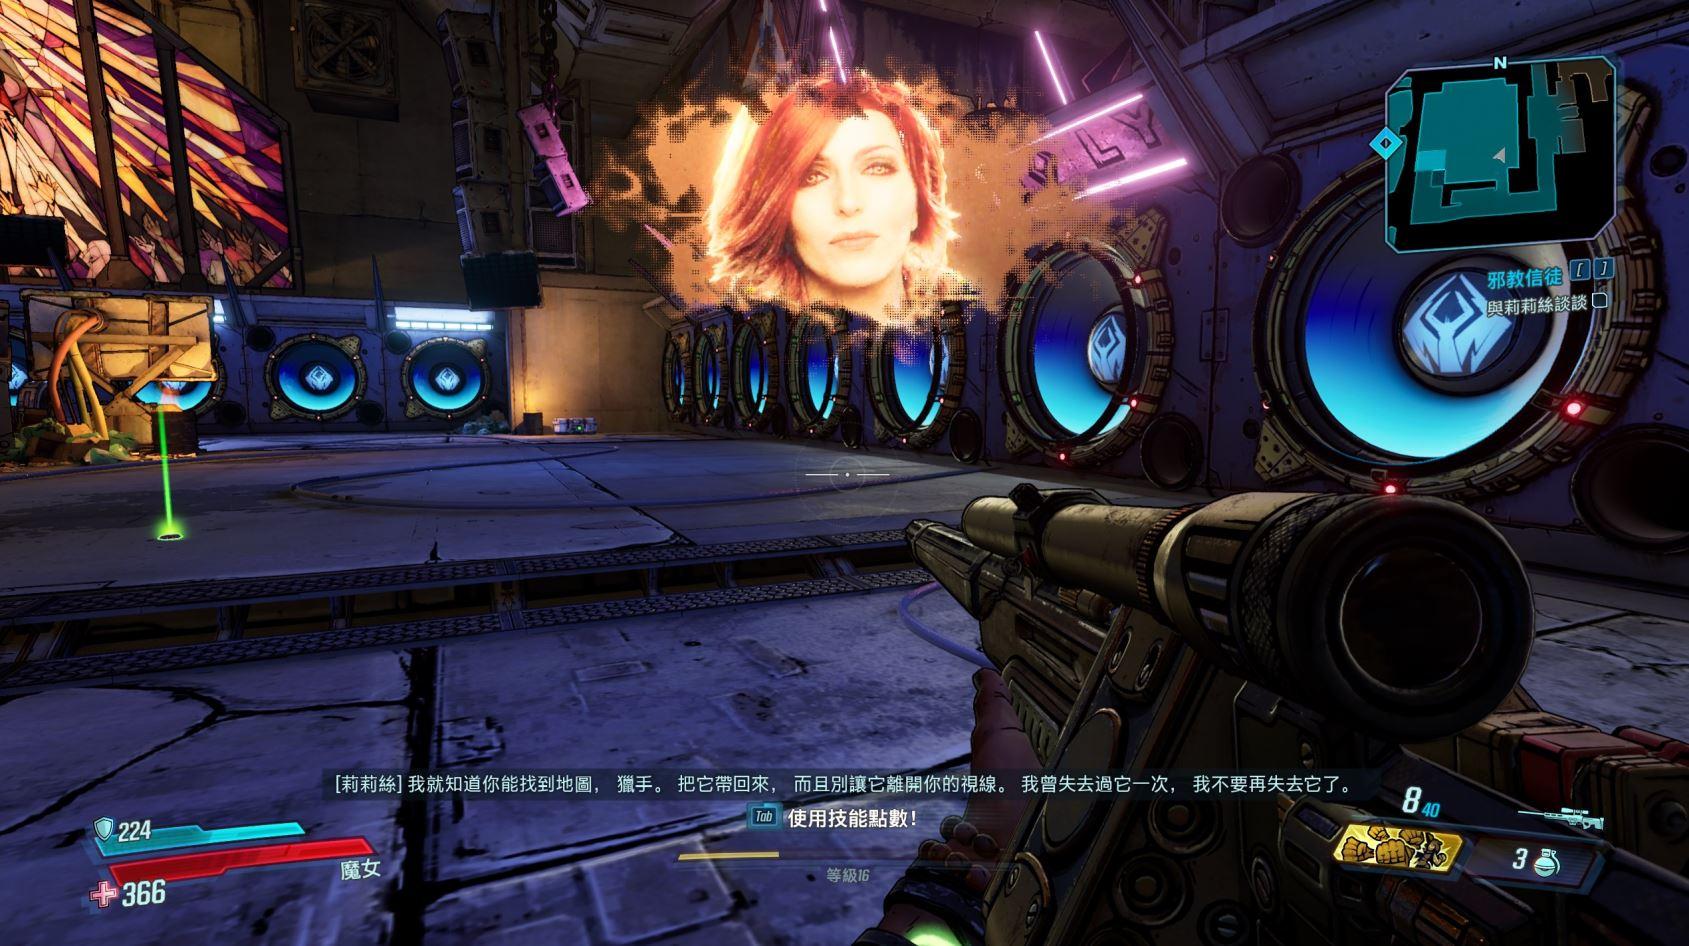 這次連莉莉絲真人頭像也來囉。(圖源:Borderlands3)